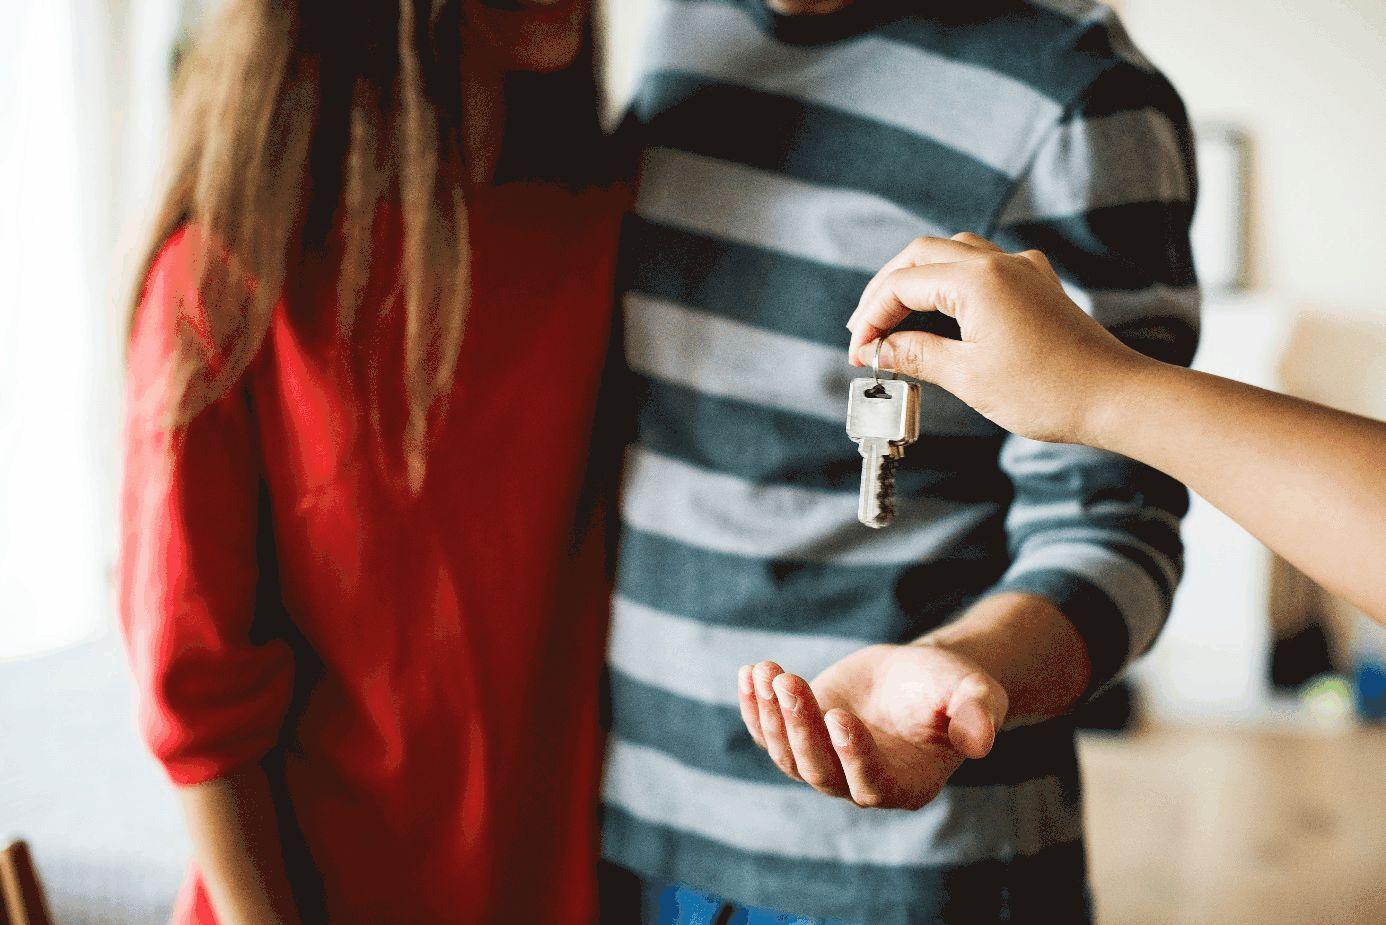 Paar erhält Schlüssel von nicht sichtbarer Person